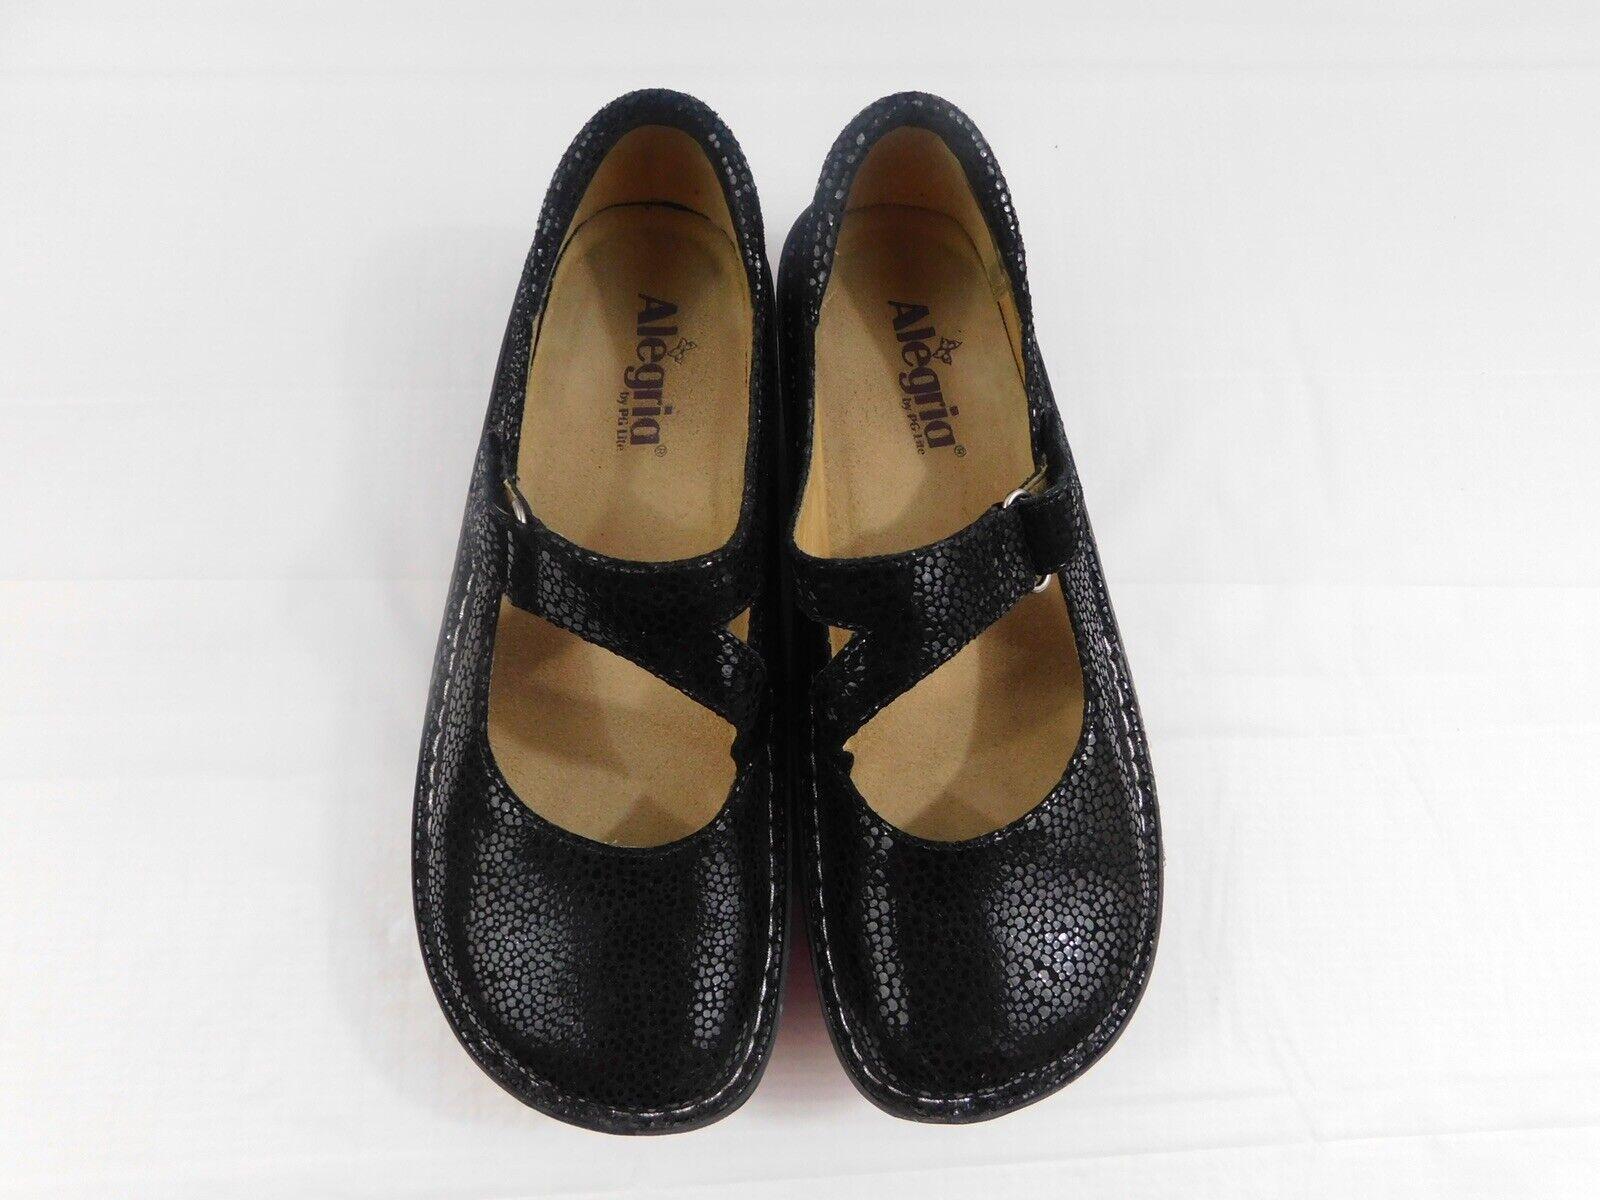 Alegria Day-561 chaussures femmes noir EU 40 US 9 cuir Mary Jane Jill Travail Chaussure